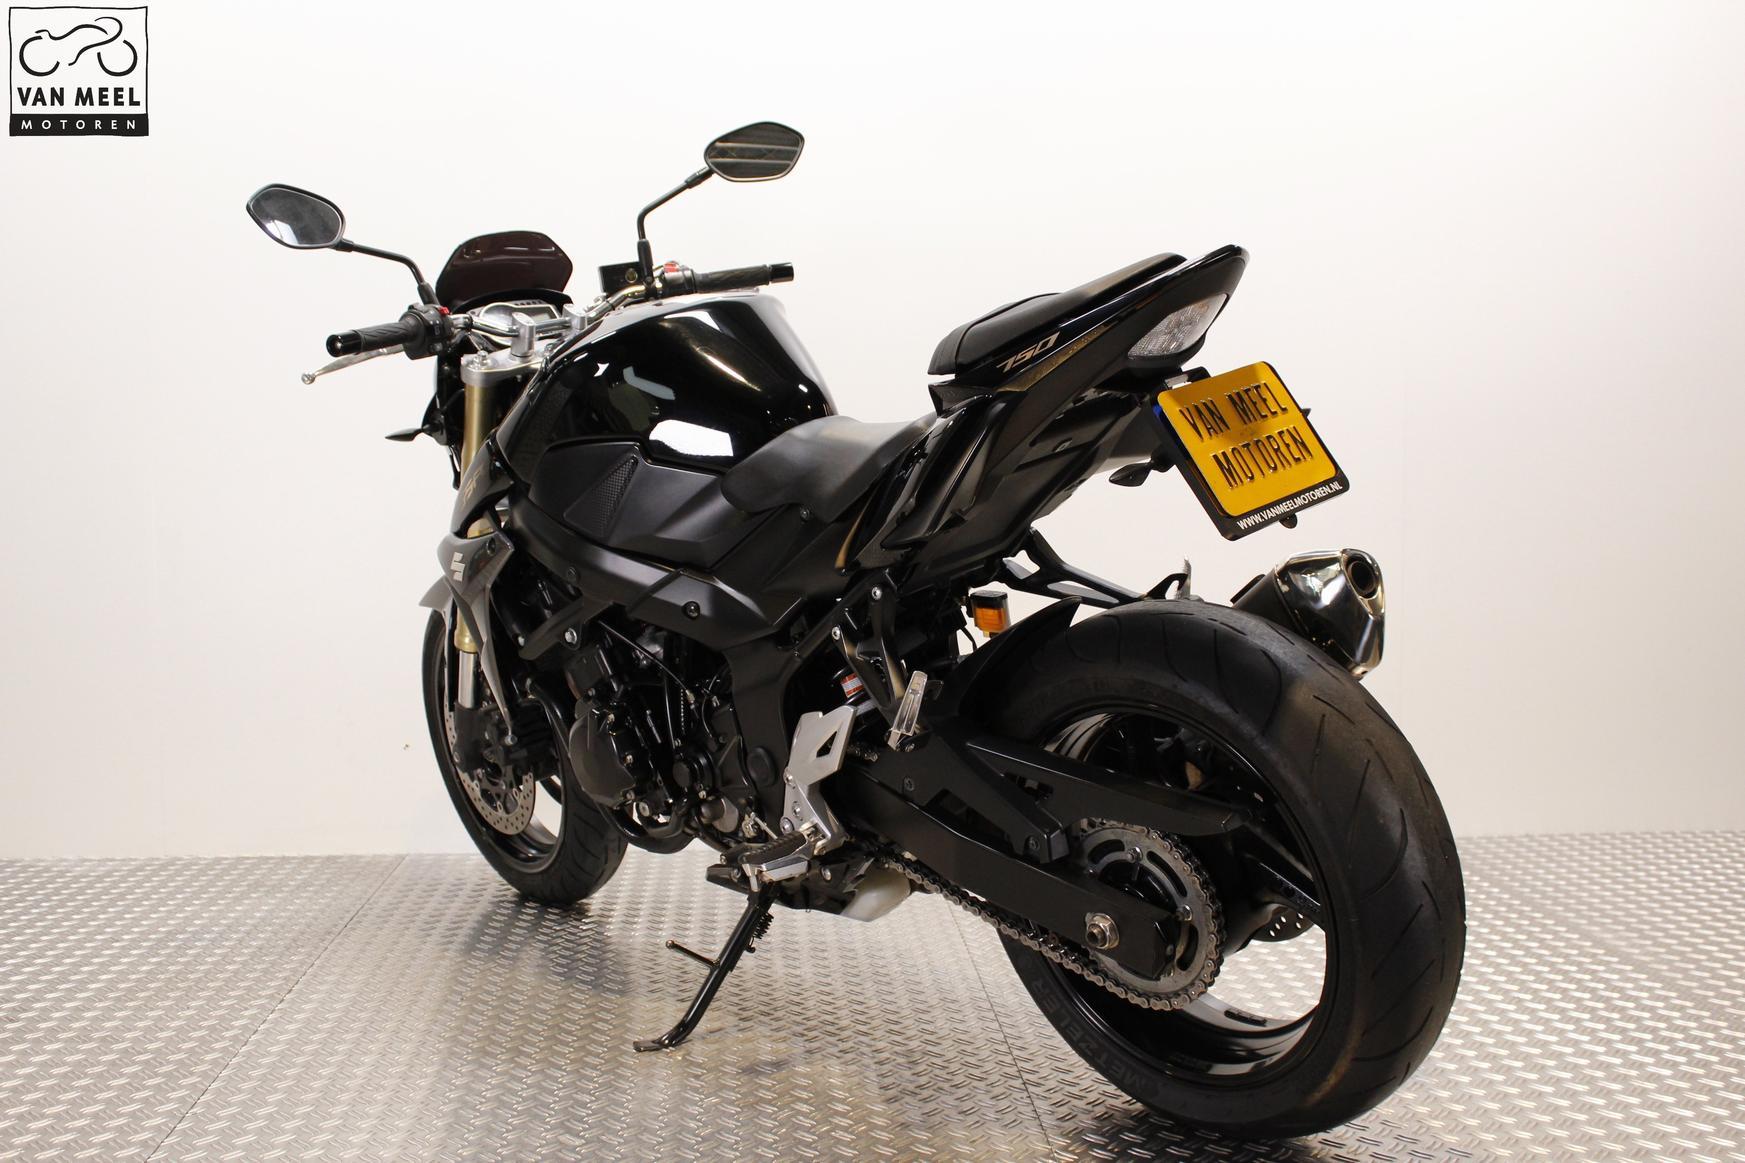 SUZUKI - GSR 750